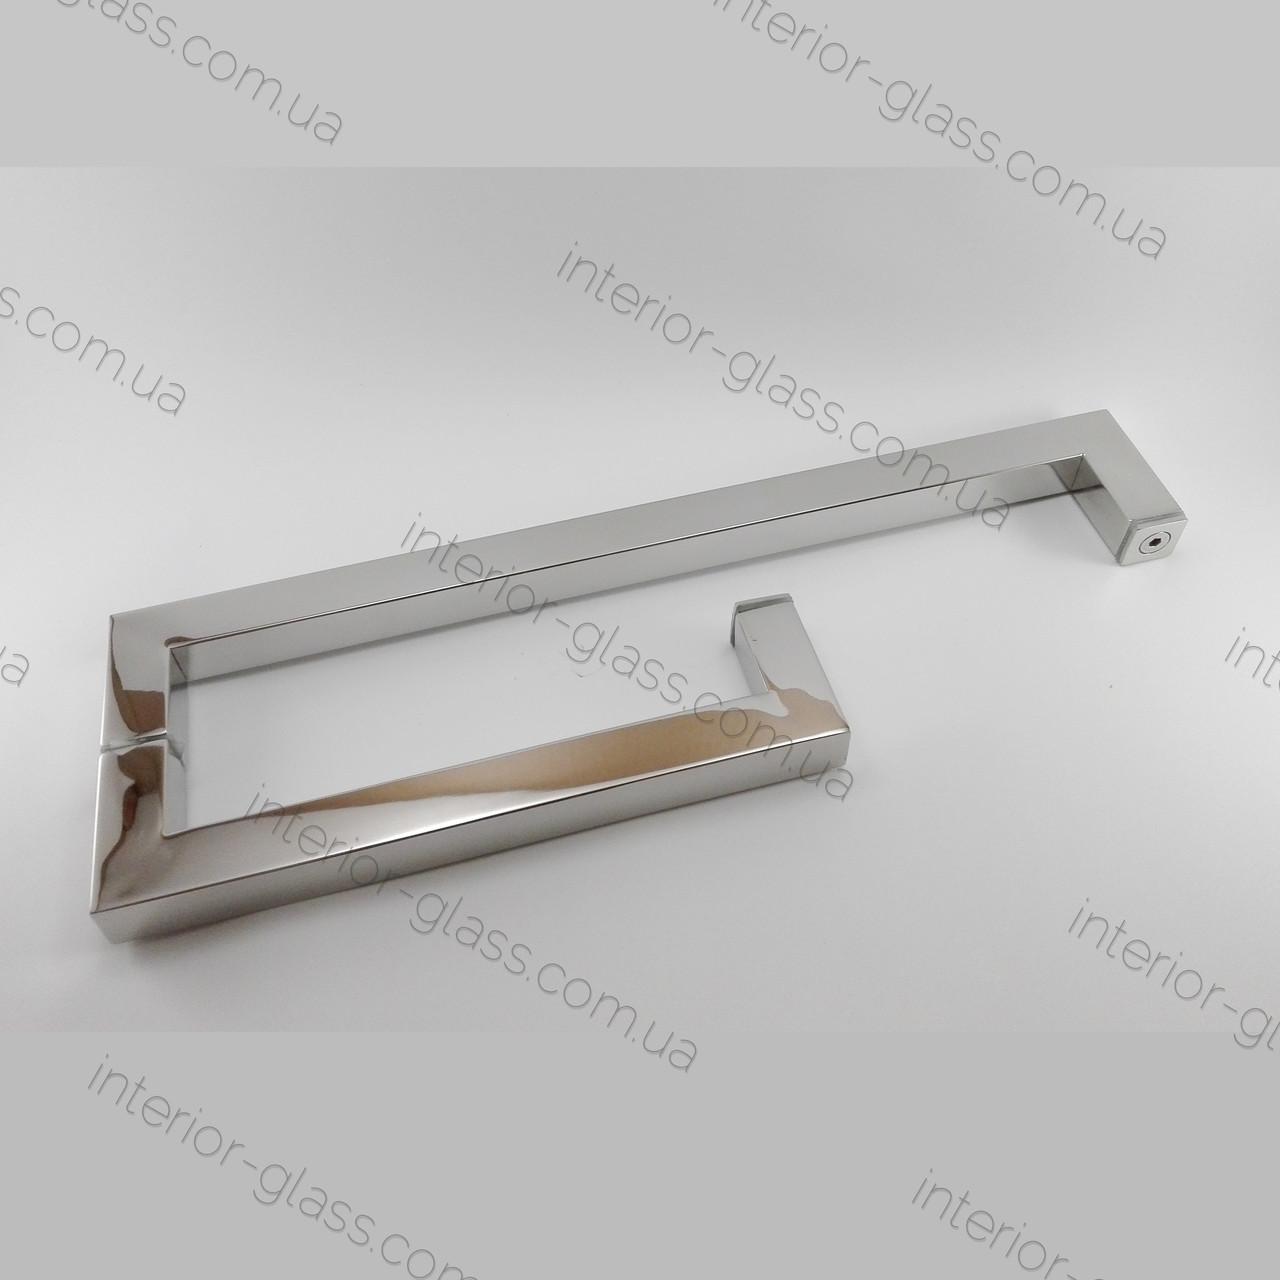 Квадратная ручка под полотенце HDL-623 PSS полированная